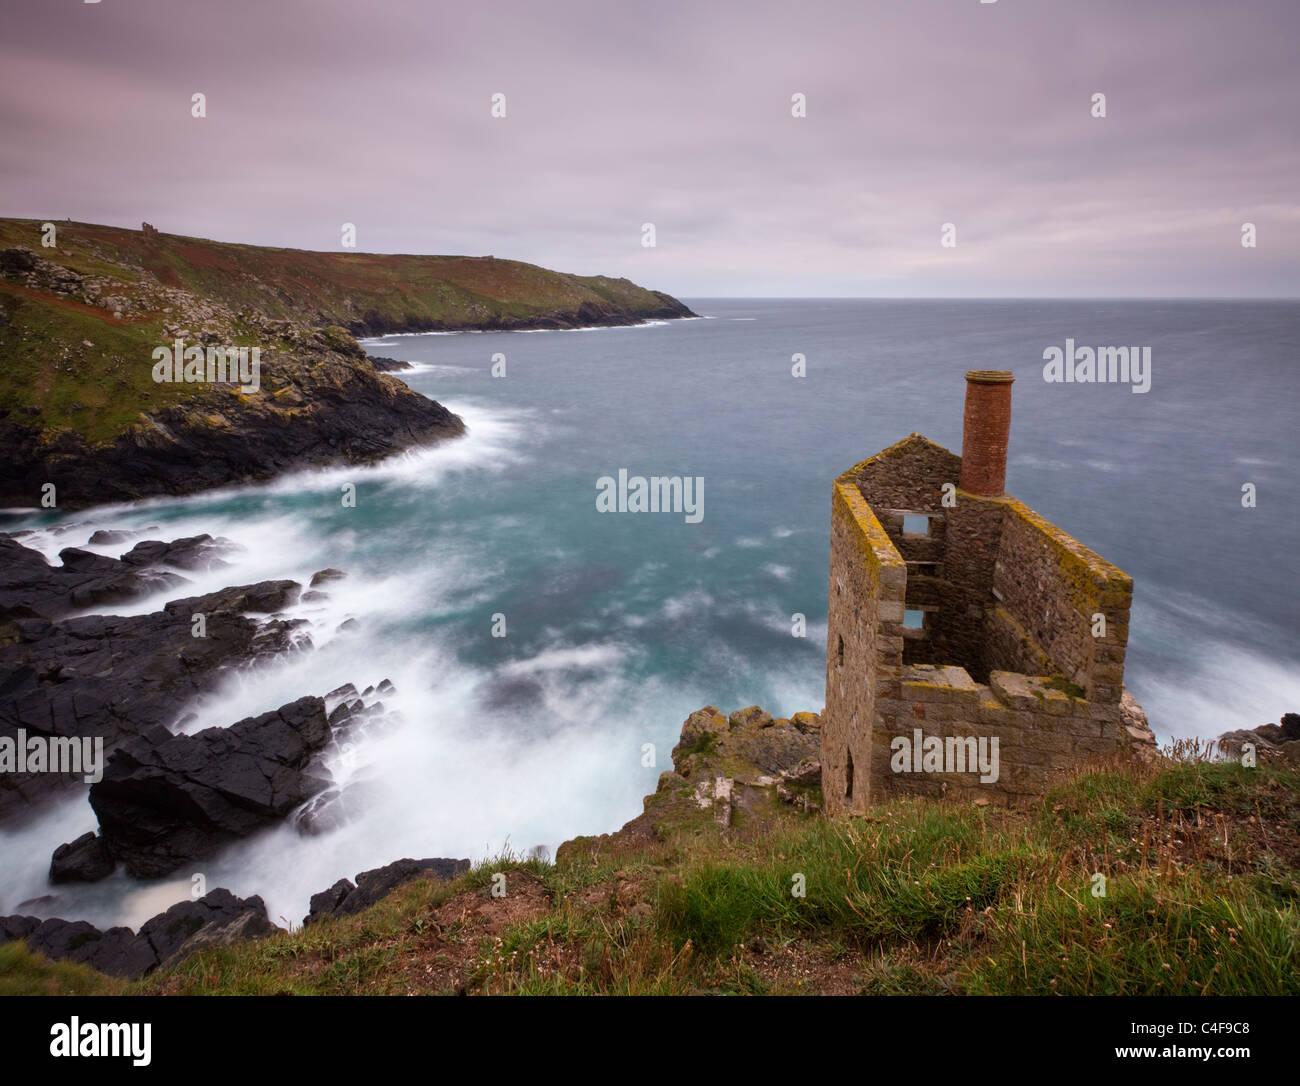 Tin mine abandonnée sur la maison moteur clifftops à Botallack près de St Just, Cornwall, Angleterre. Photo Stock